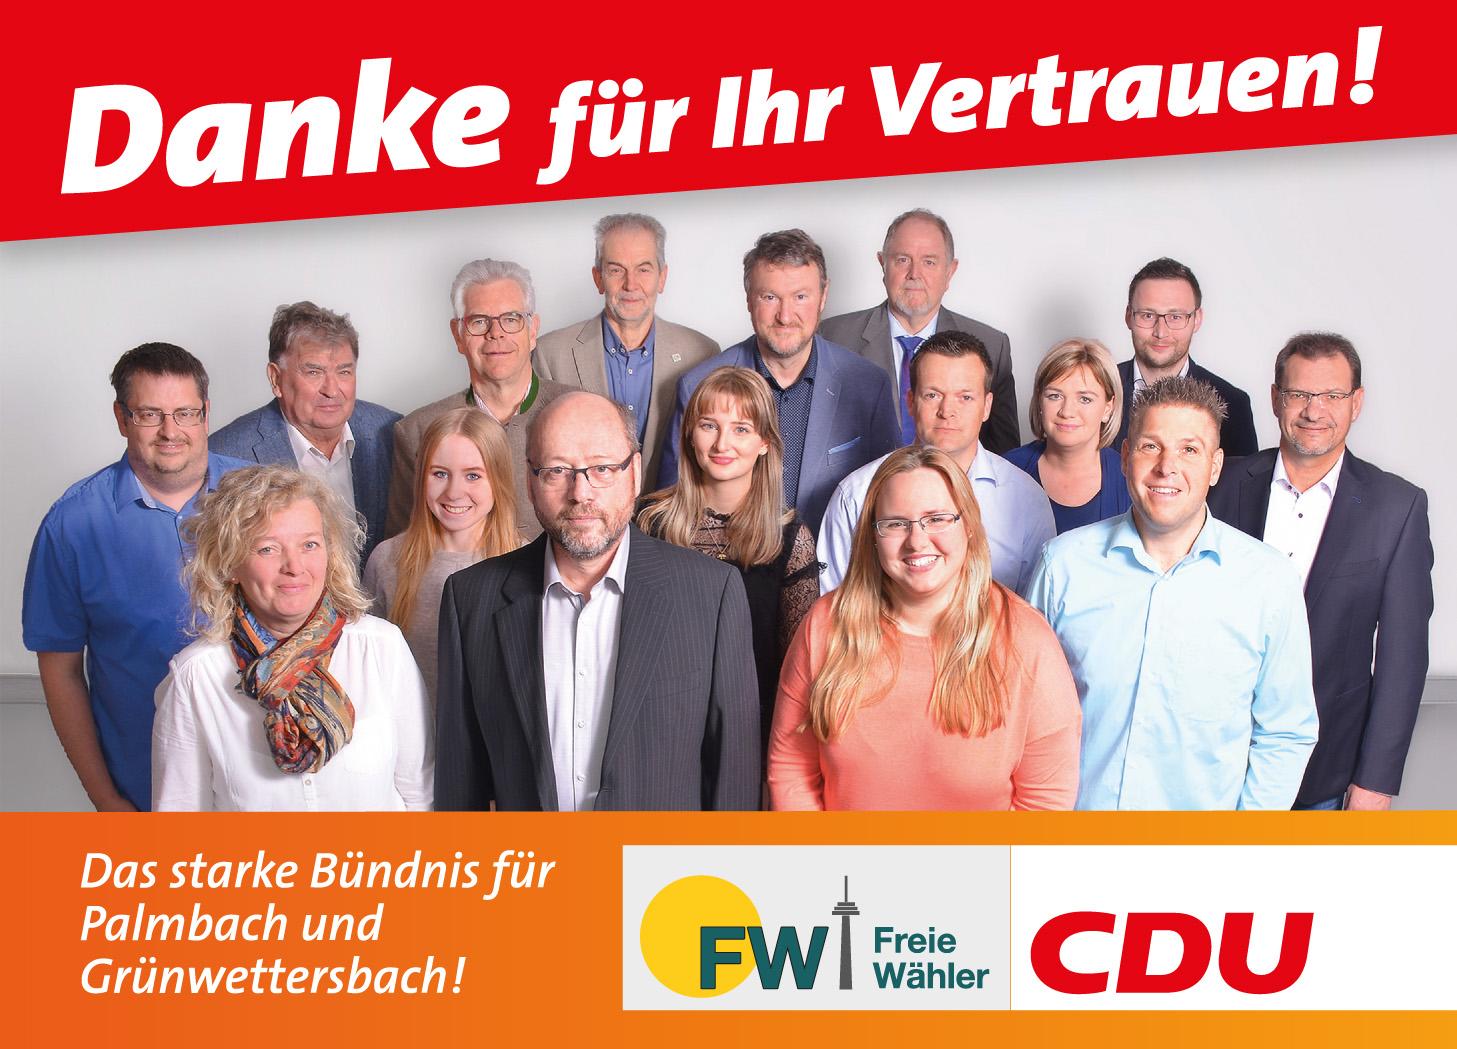 Danke für Ihr Vertrauen - CDU/FW-Wettersbach